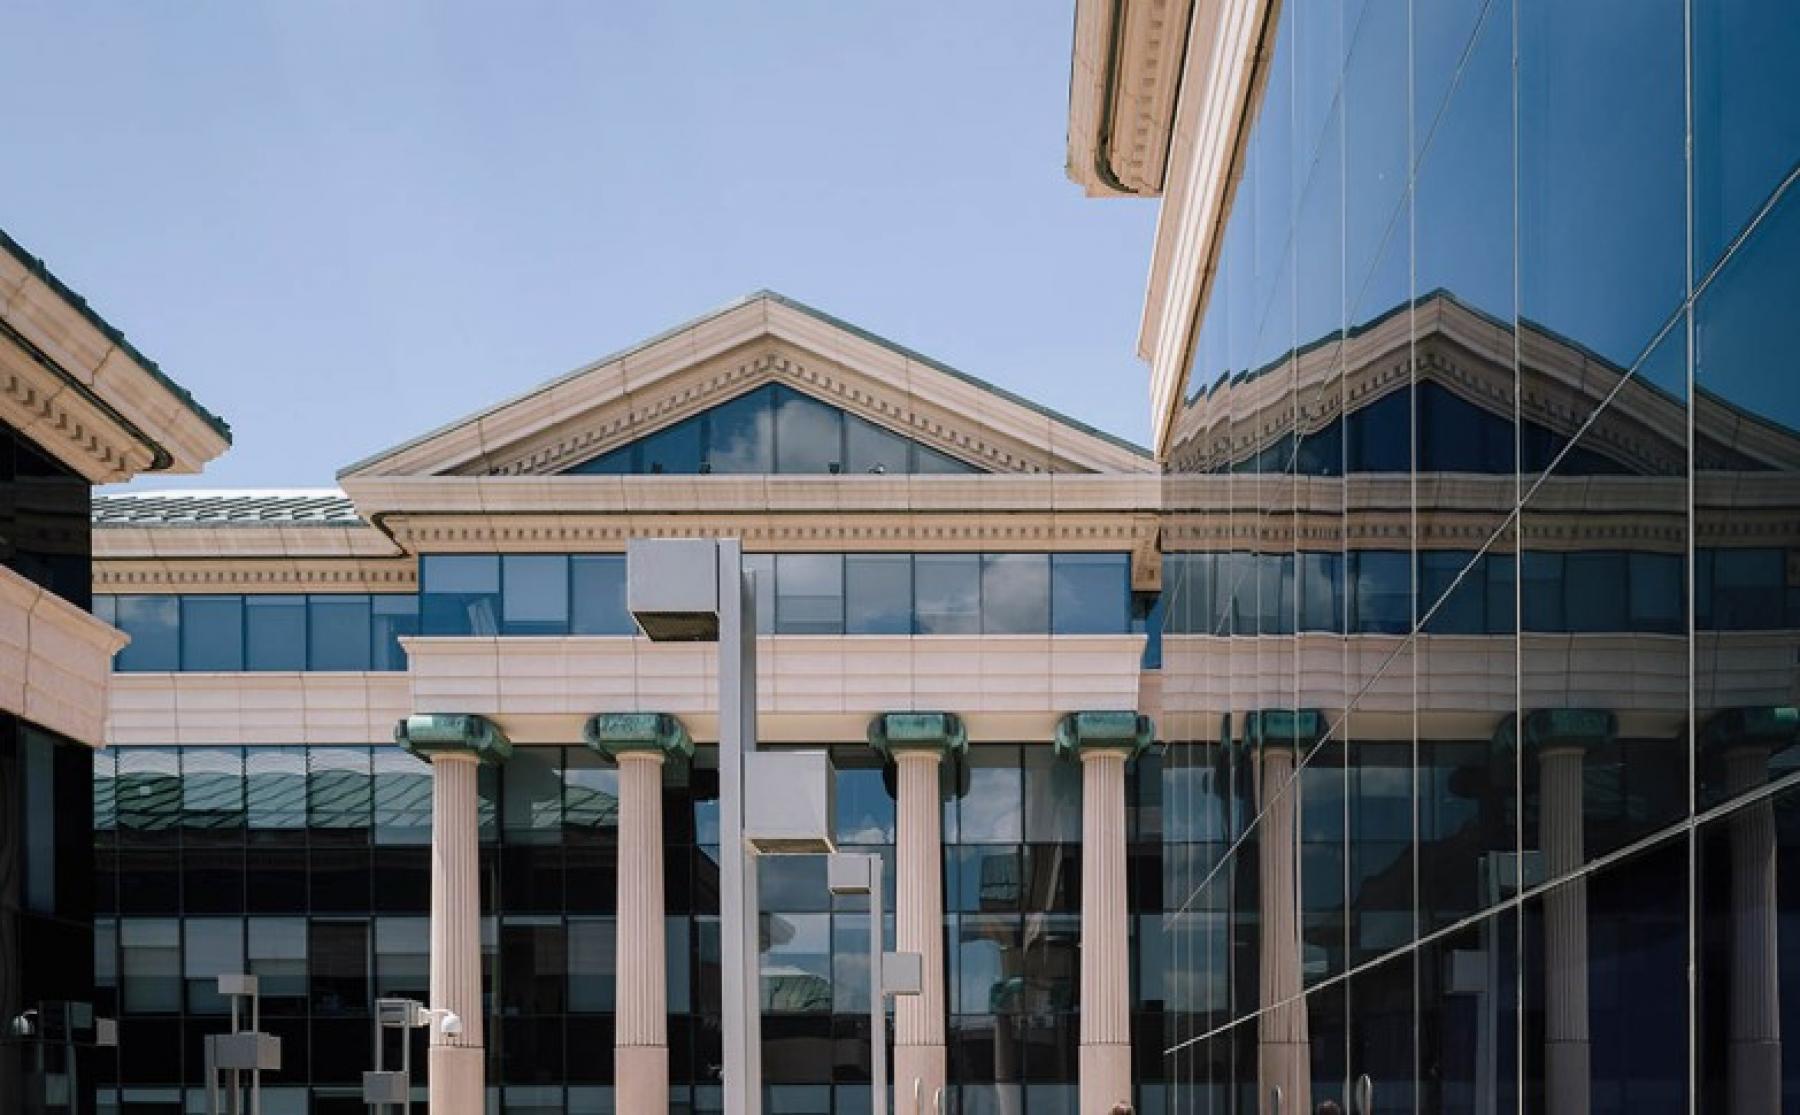 Alquilar oficinas Vía de las Dos Castillas 33, Madrid (2)